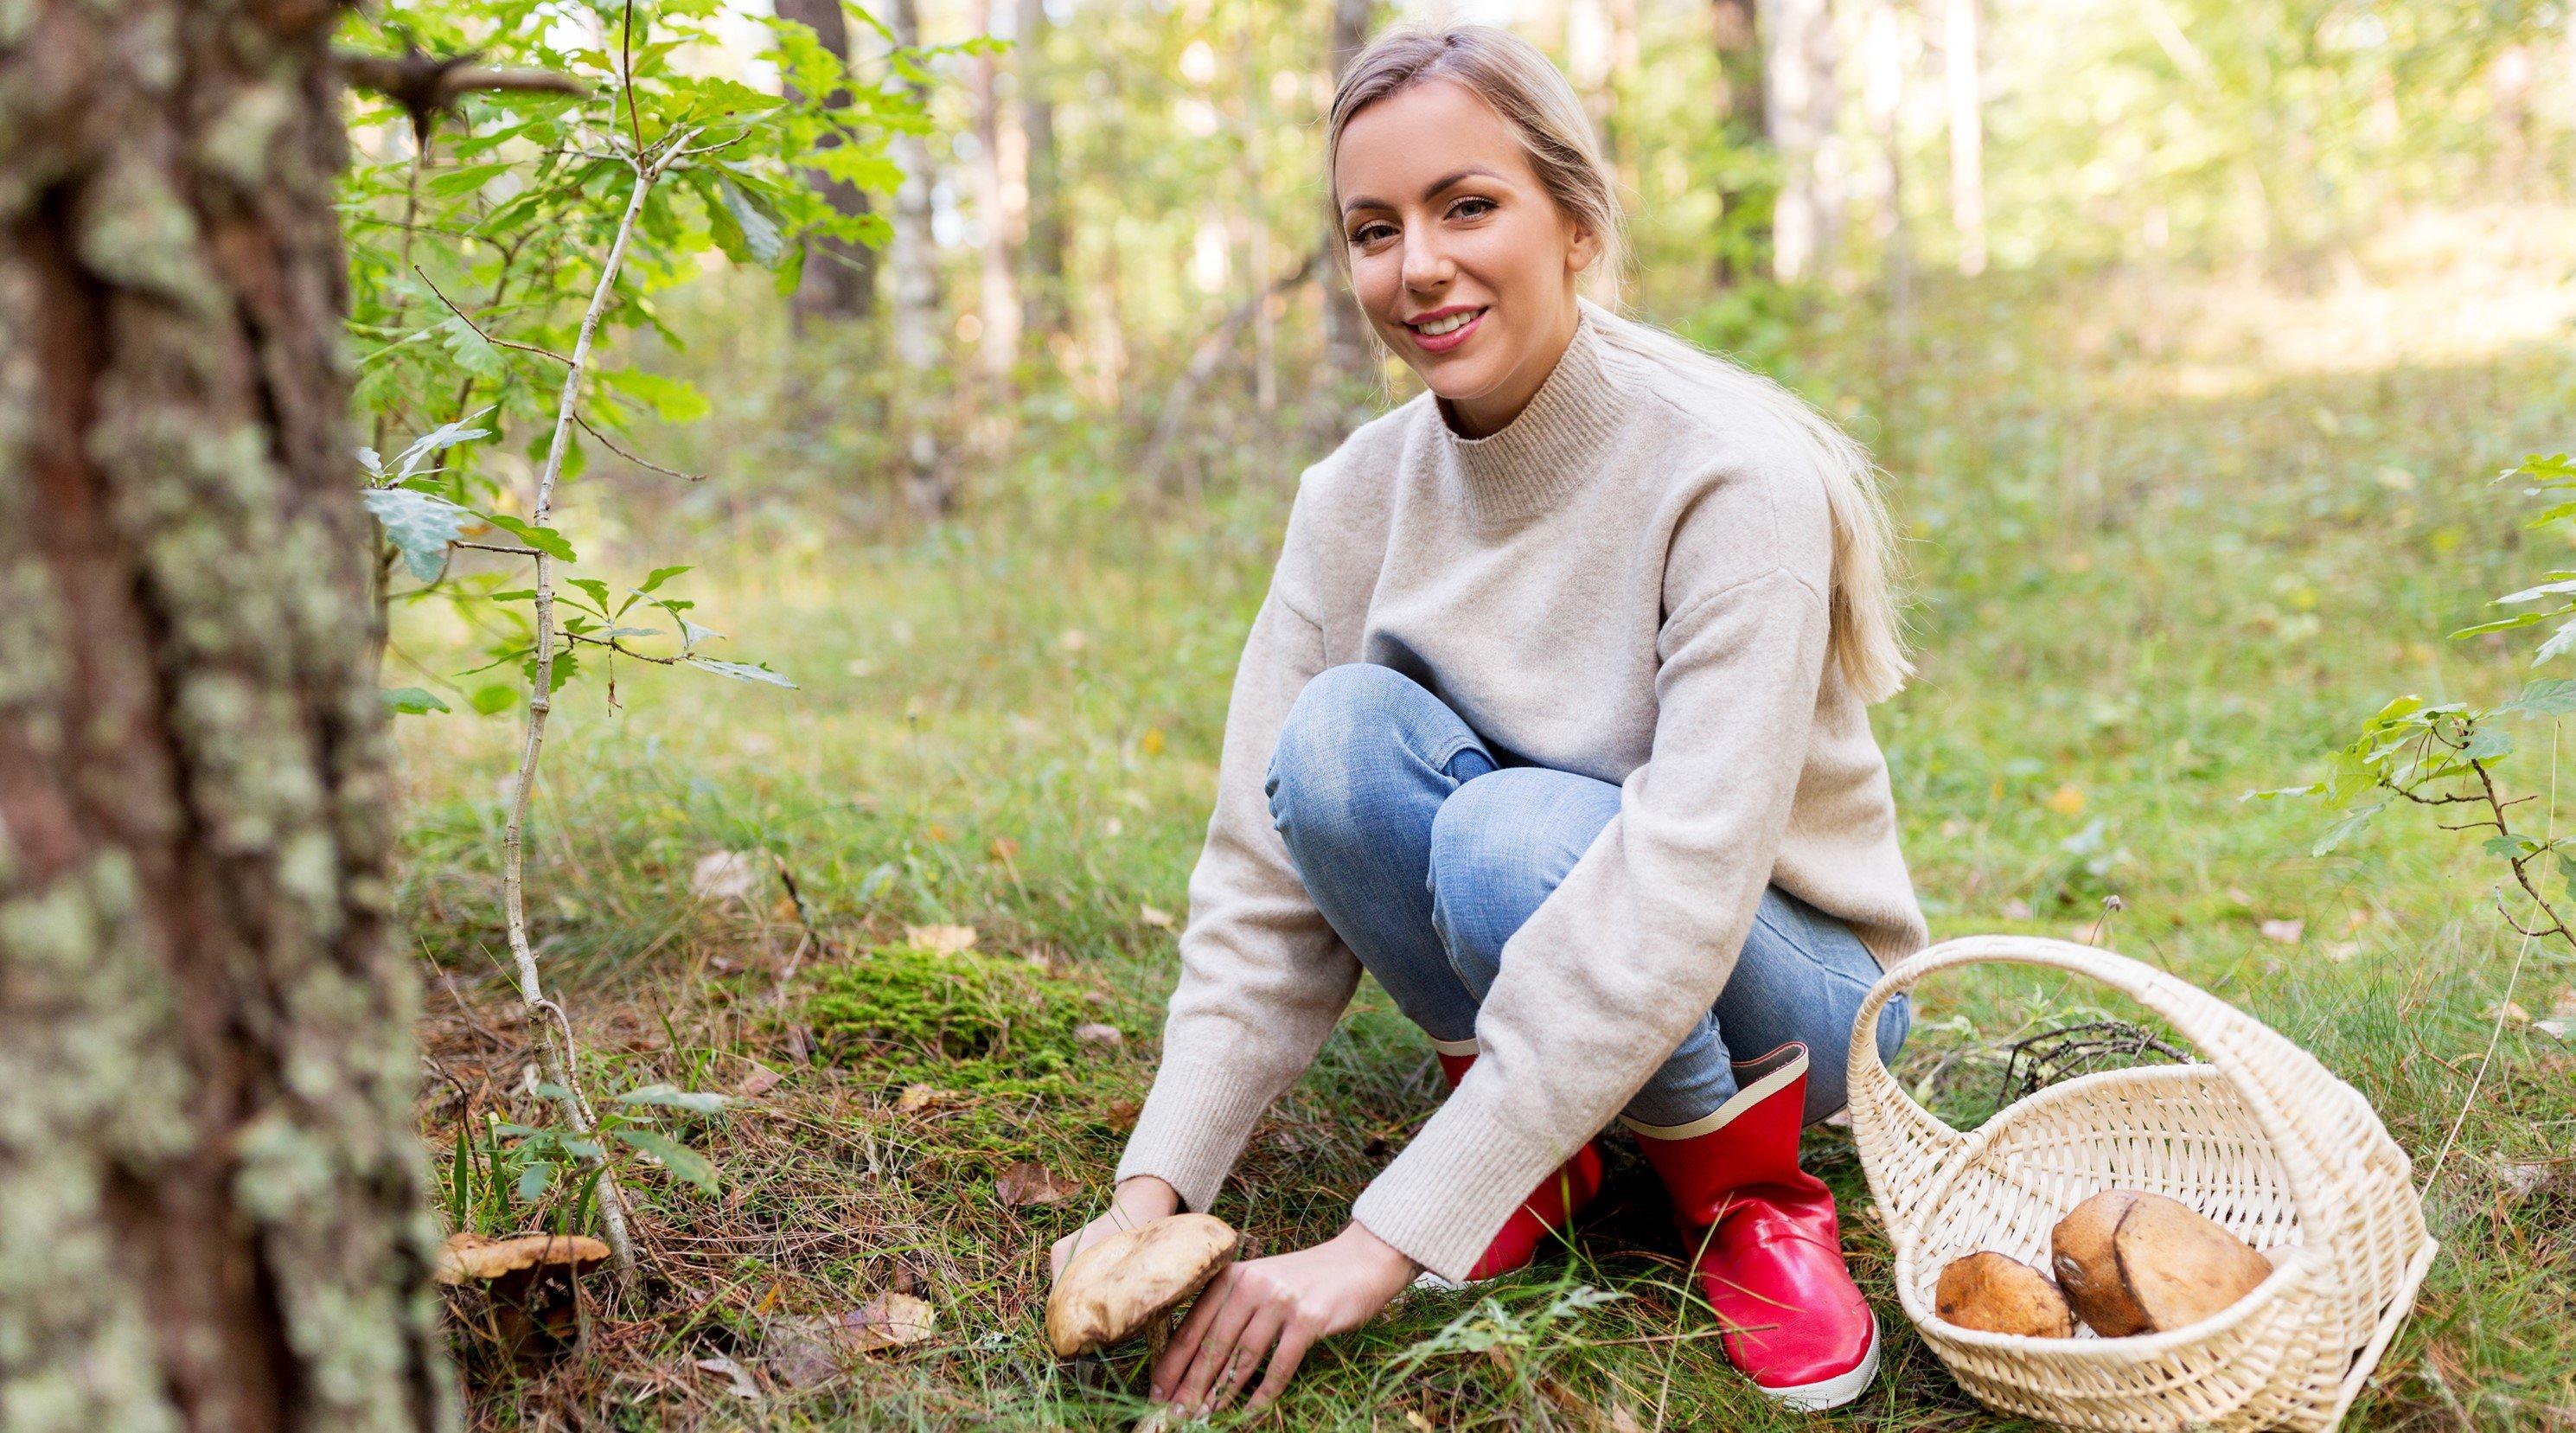 Bis in den Herbst hinein lassen sich leckere Pilze im Wald suchen und finden. Das Hobby tut ganz nebenbei auch der körperlichen Fitness gut. Quelle: WetterOnline